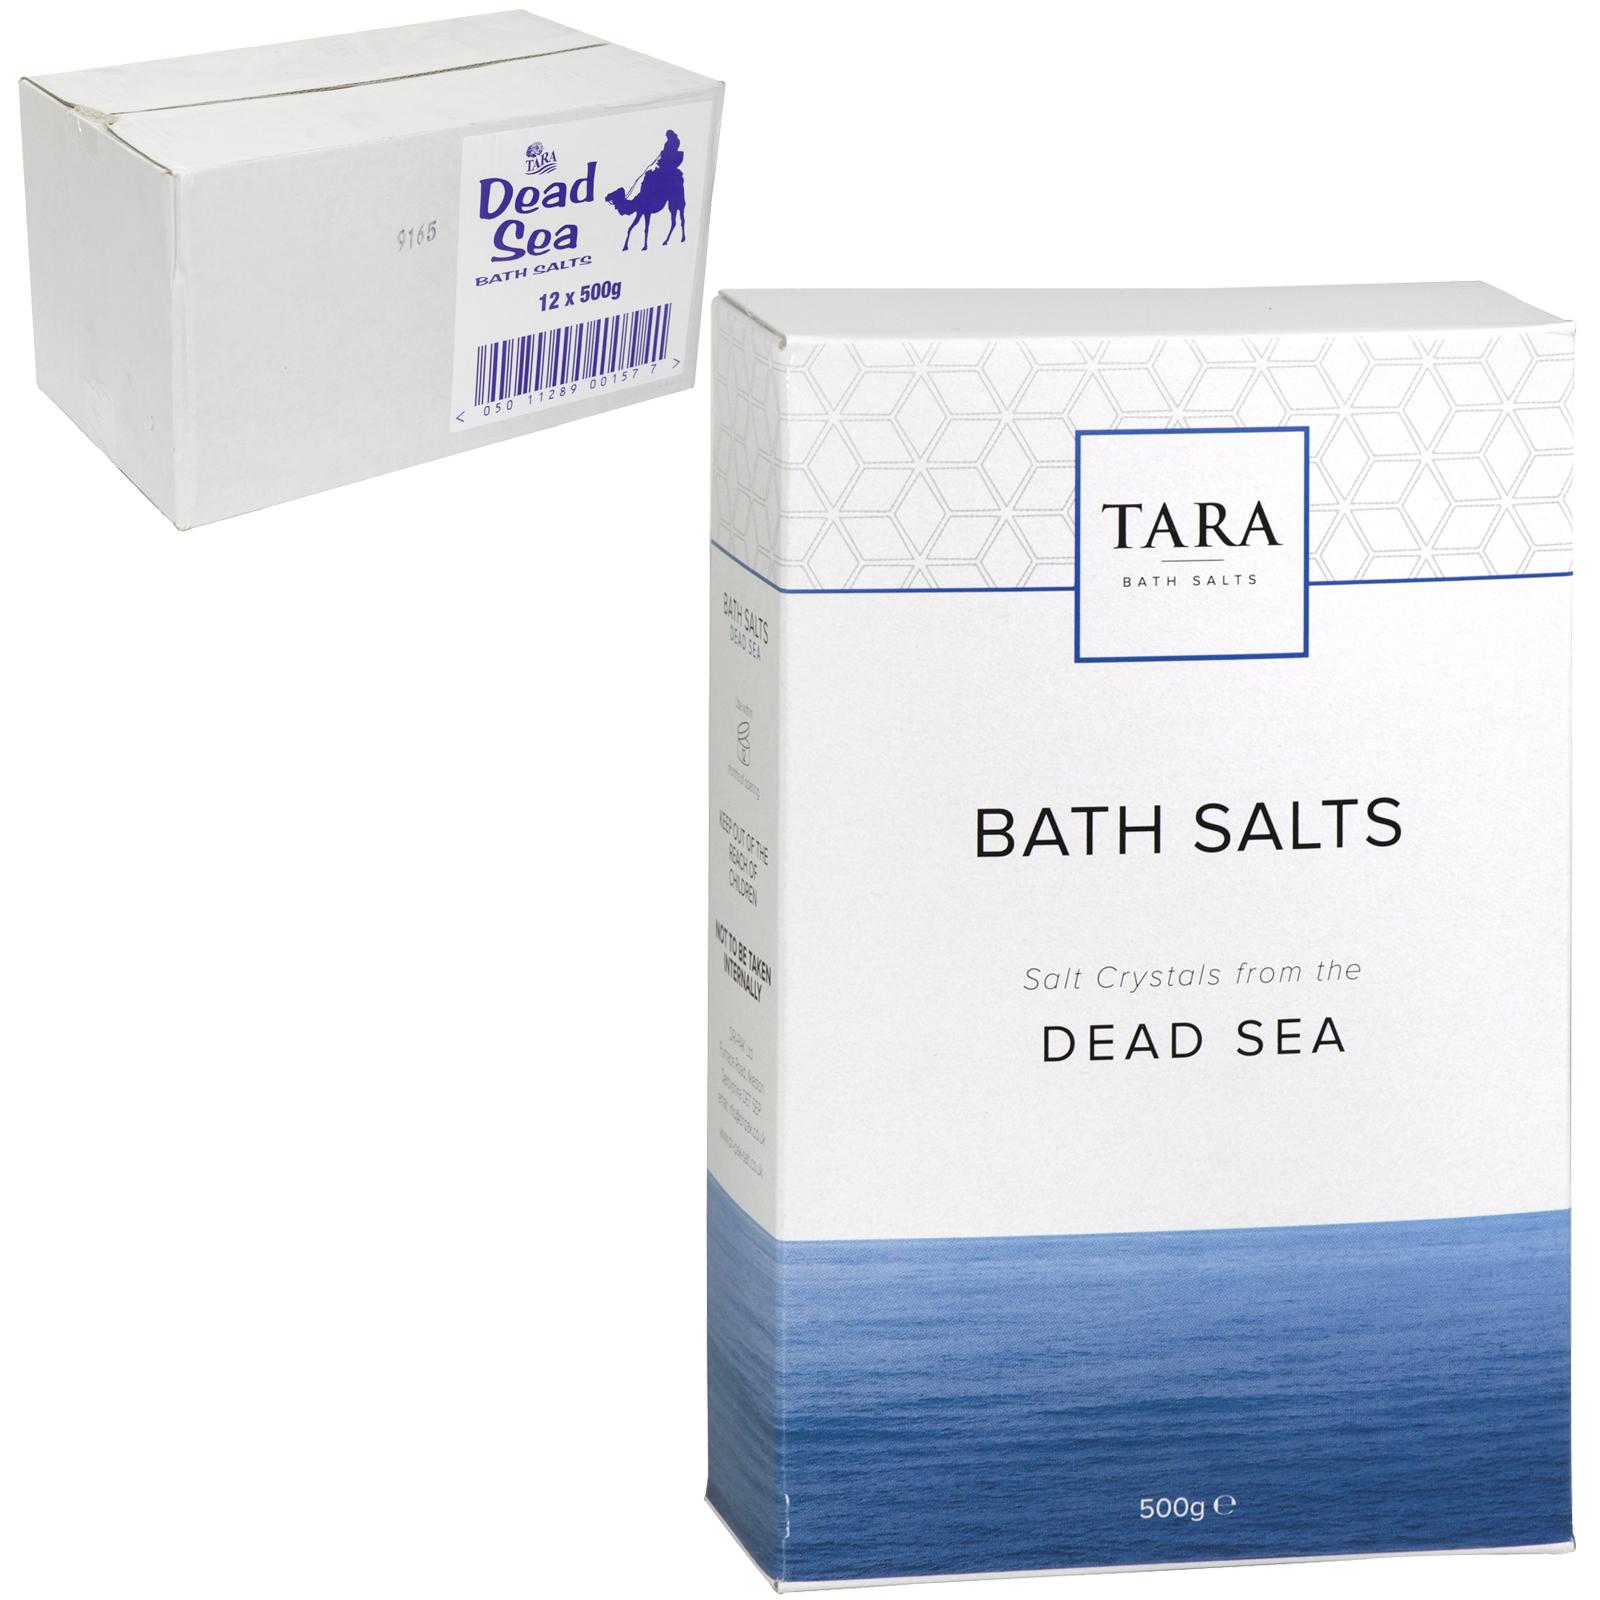 TARA 500G BATH SALTS DEAD SEA SALT X12